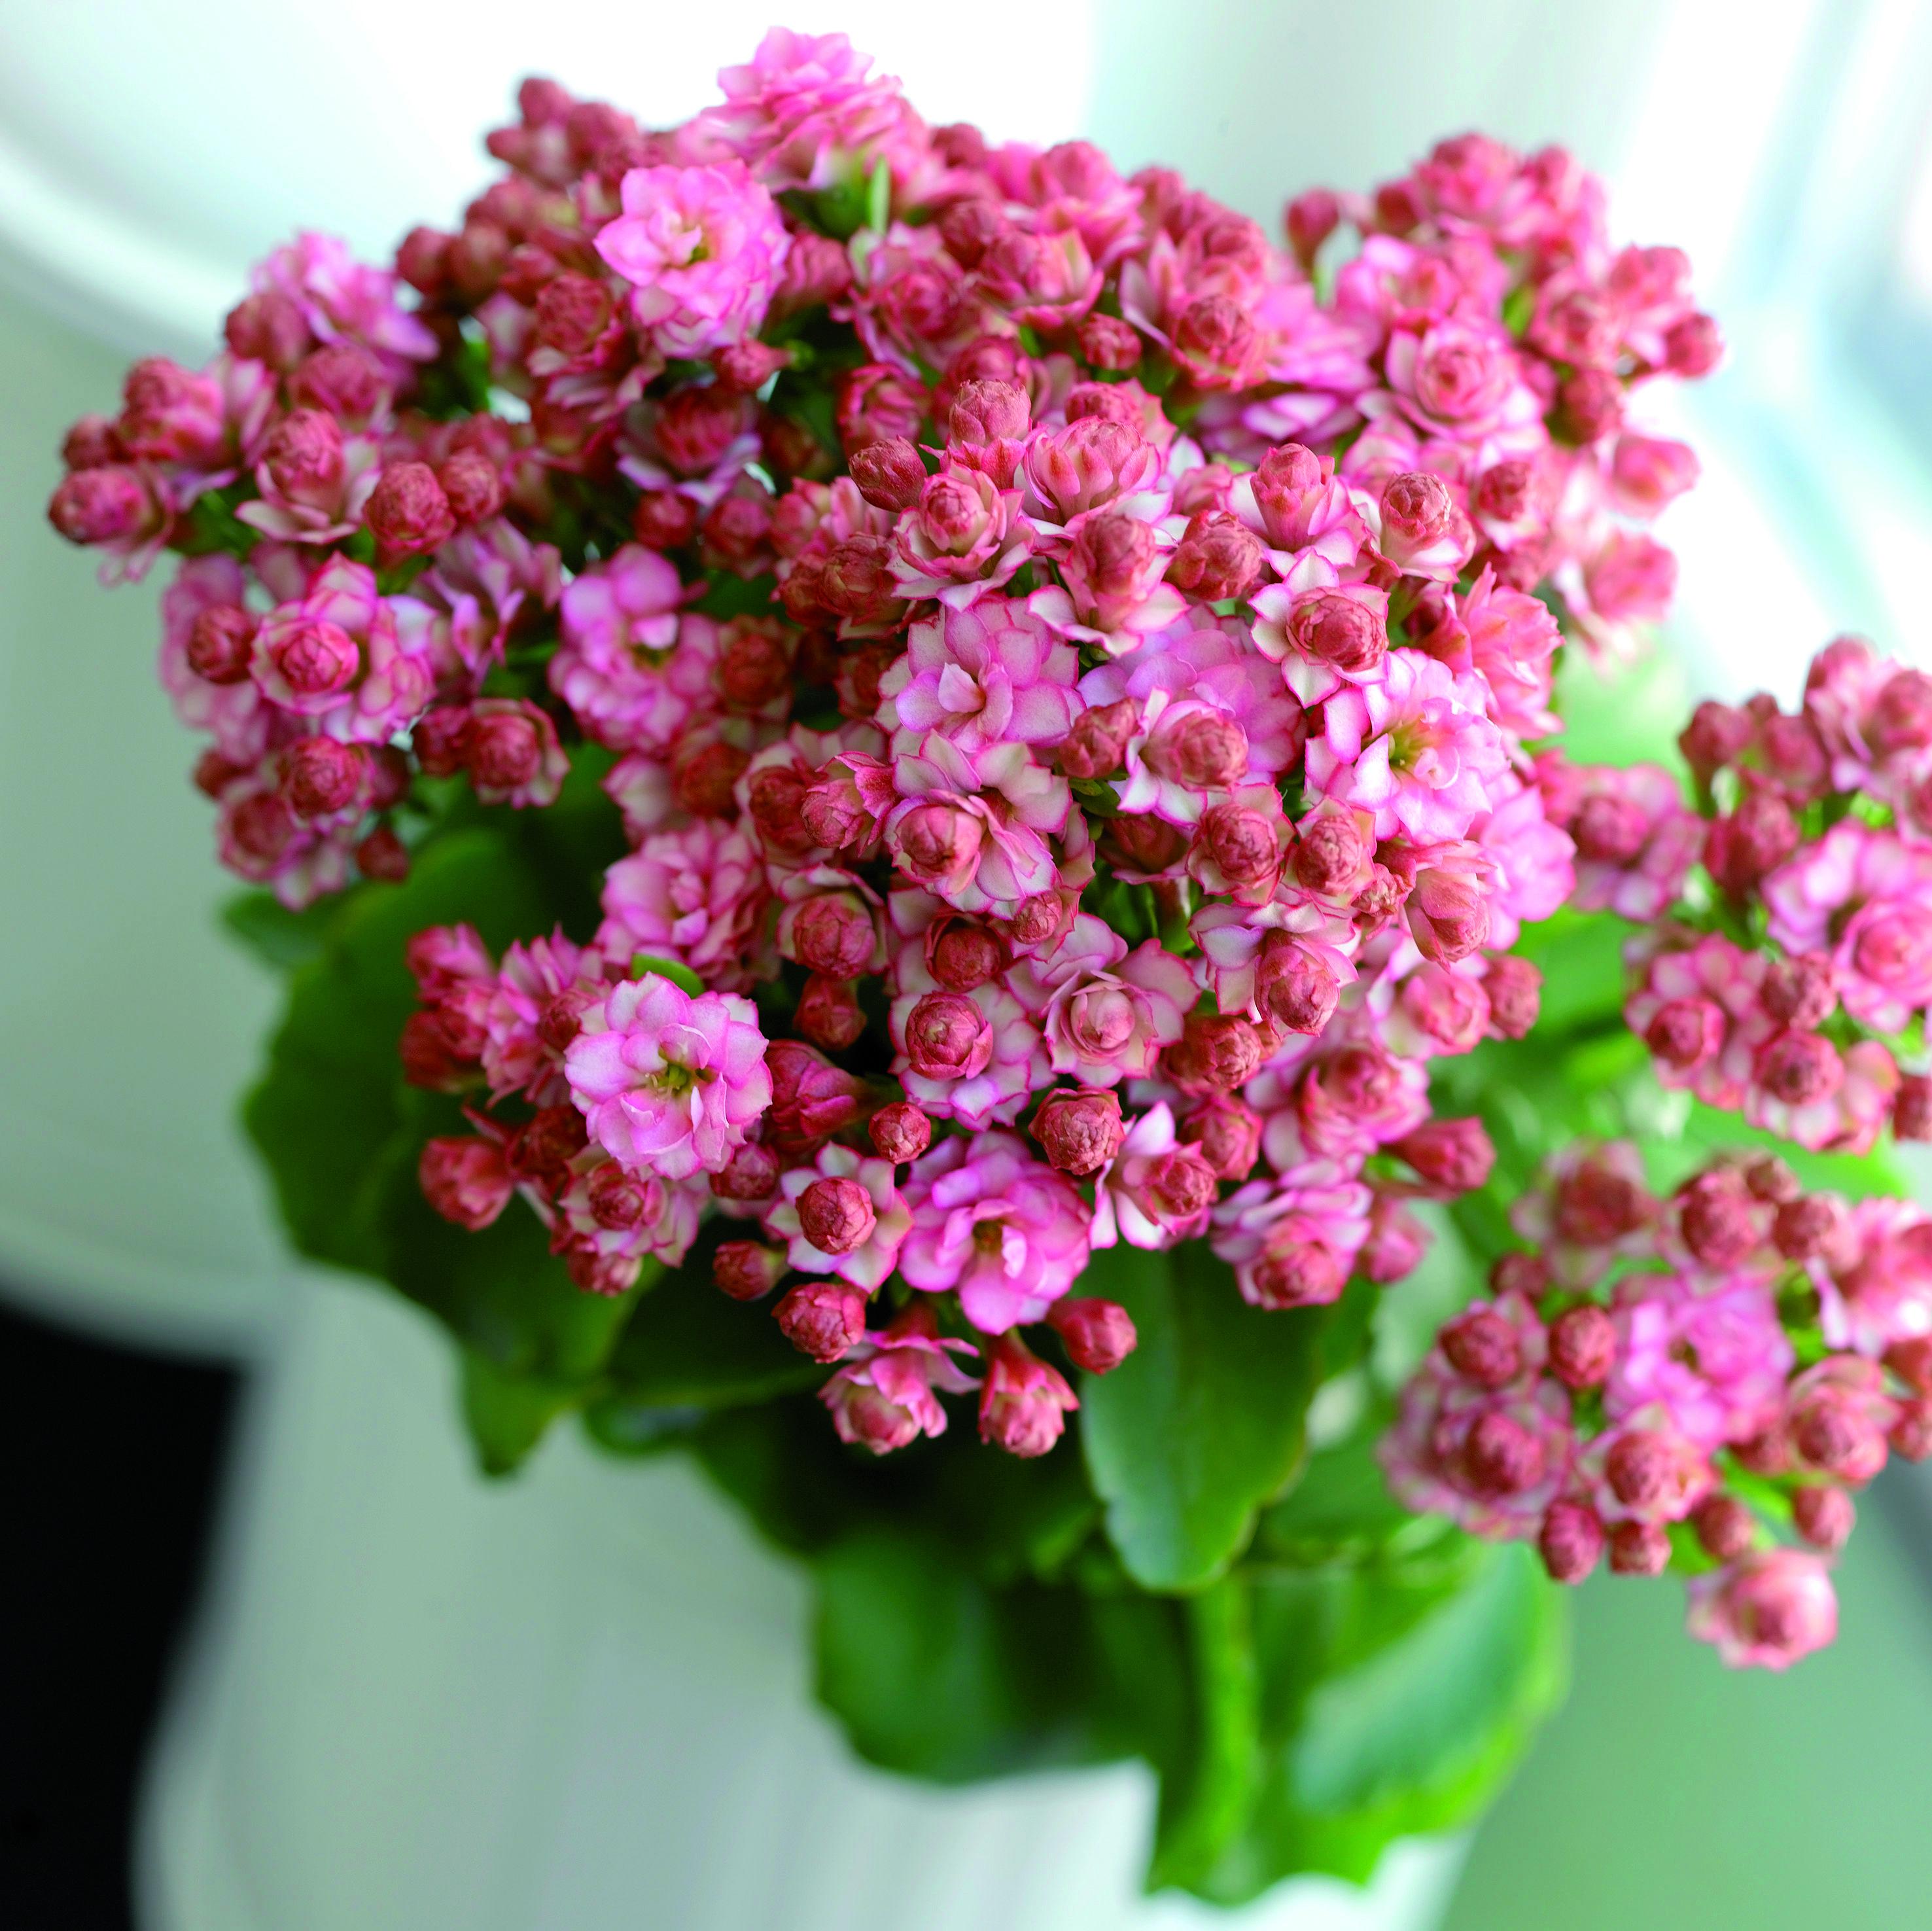 Romantica e delicata, la kalanchoe in questa tonalità di rosa sfumato